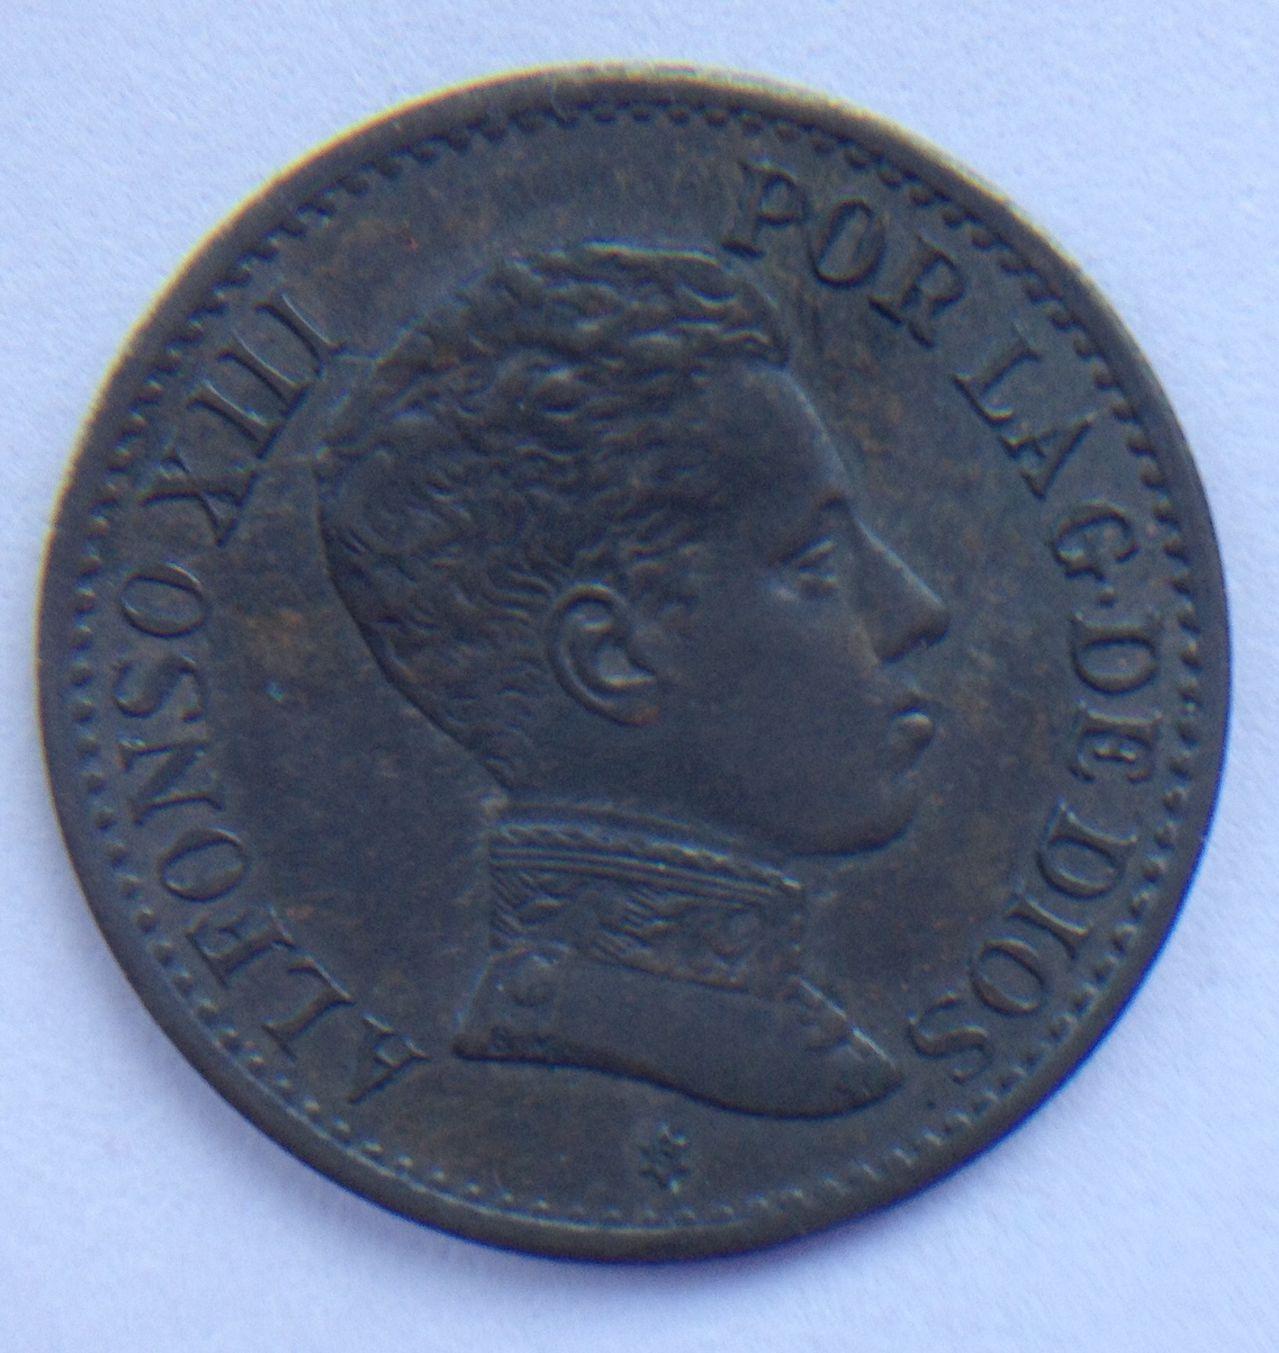 1 céntimo 1906 SL V Alfonso XIII Triskel dedit Image